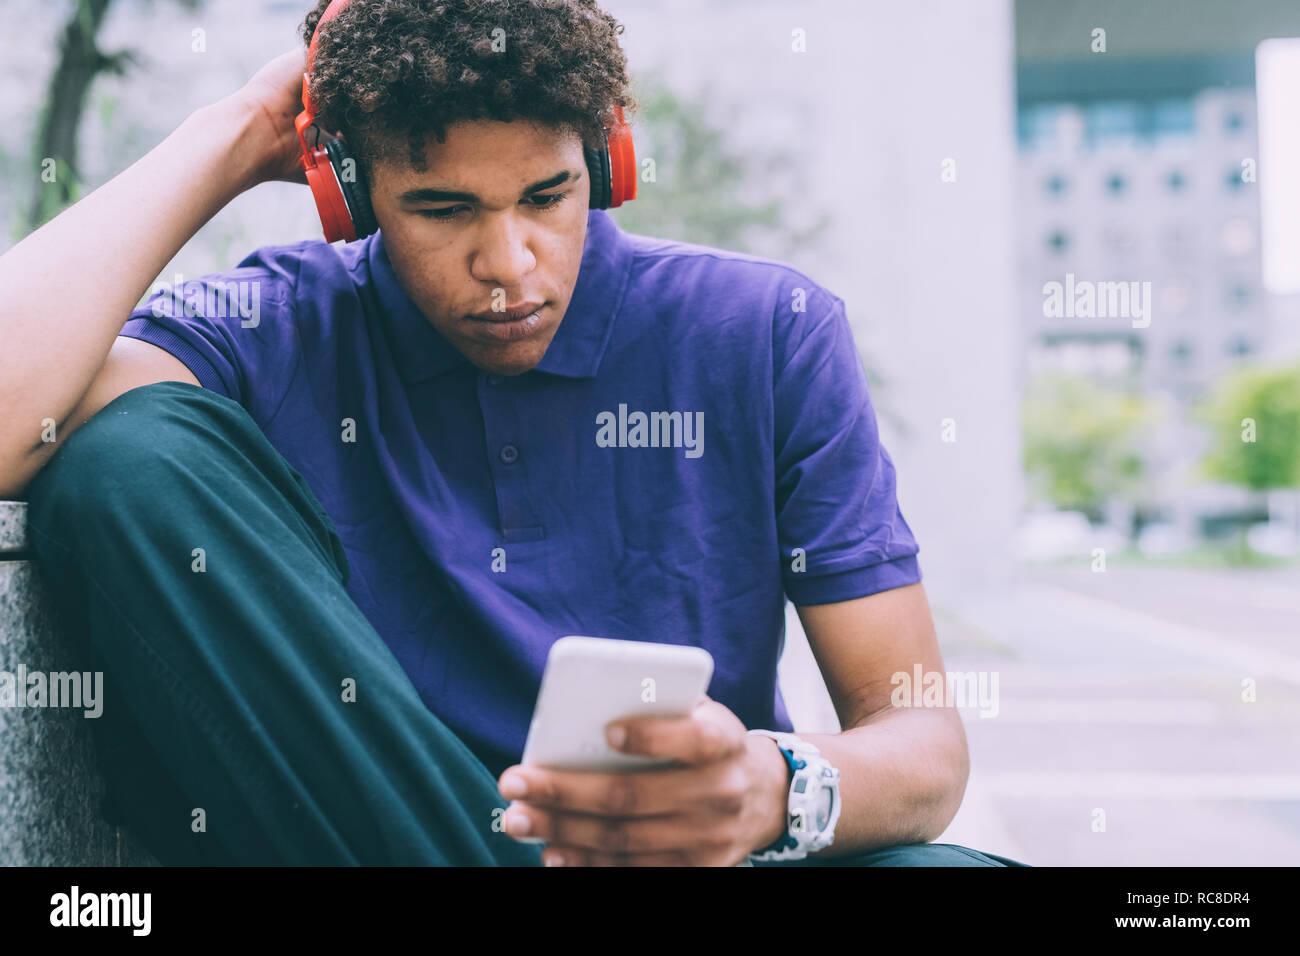 Man texting et de l'utilisation des écouteurs sur banc en béton Banque D'Images